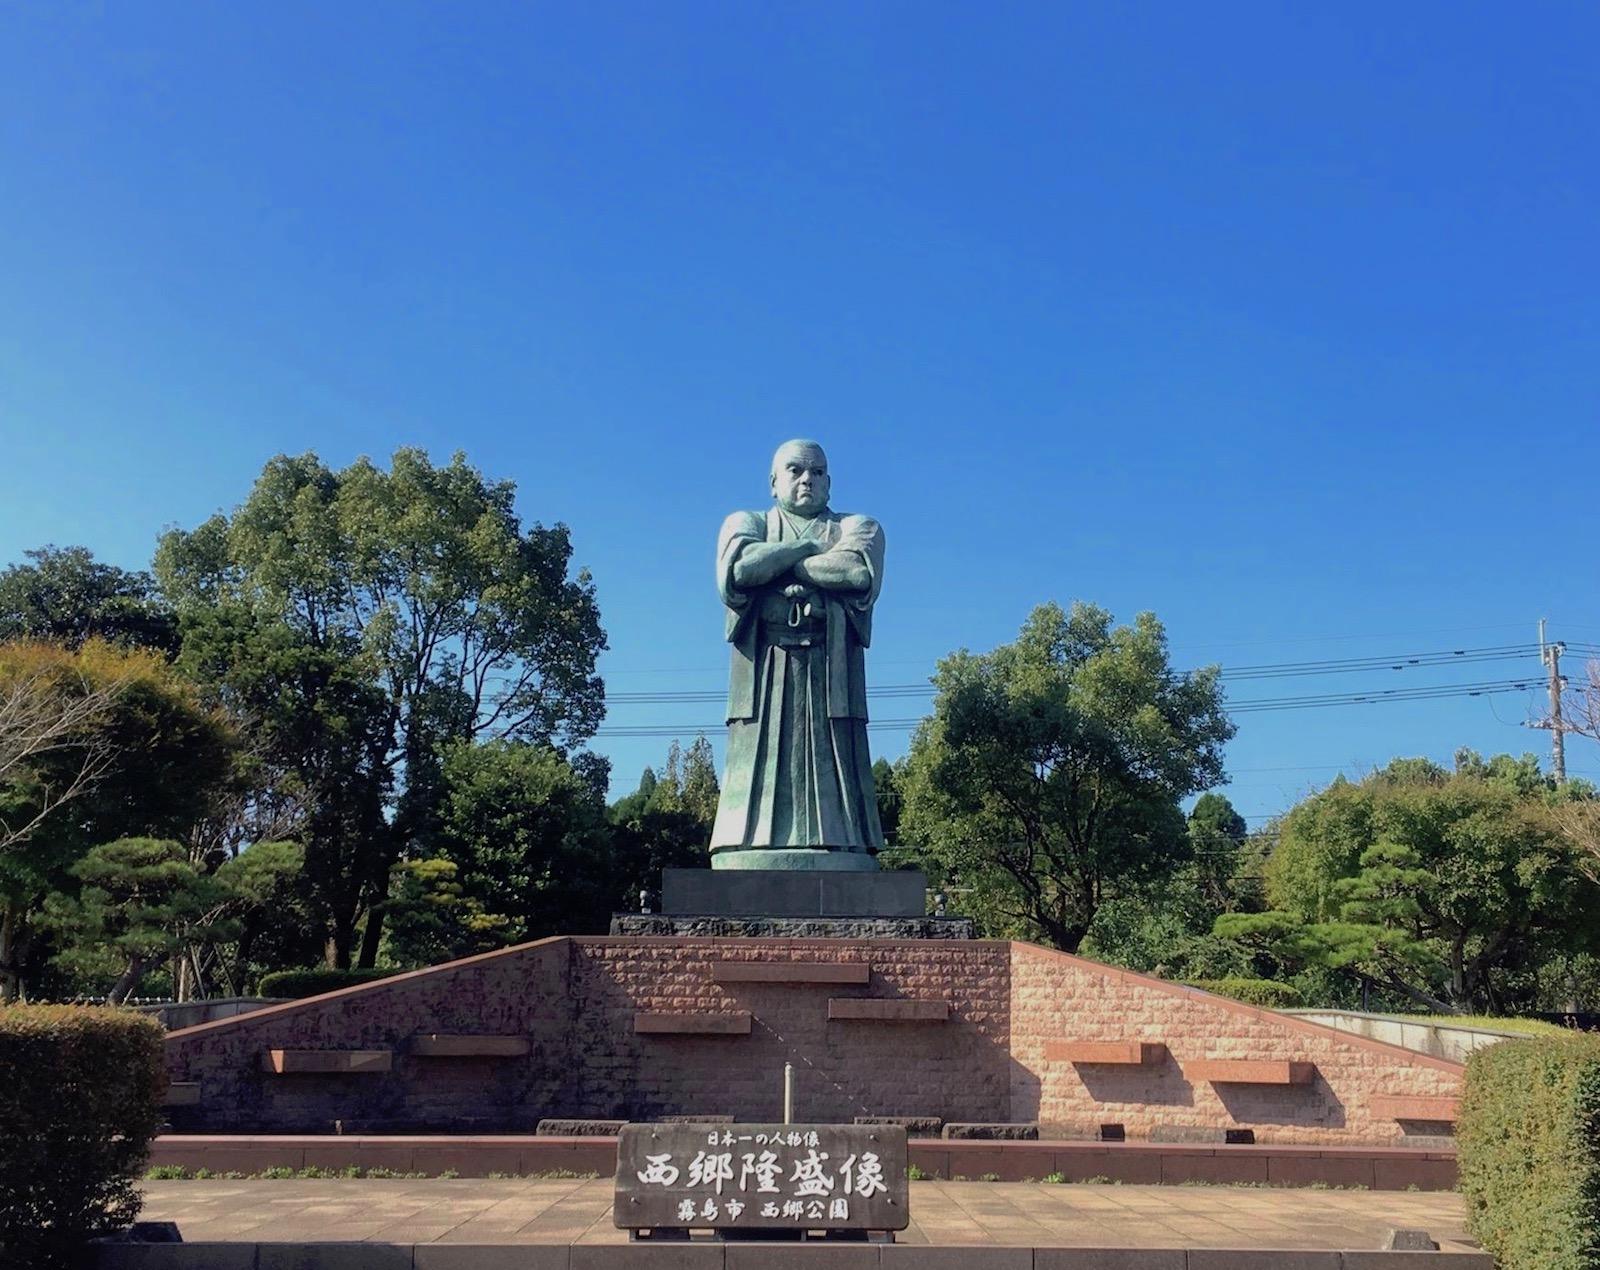 現代を見つめる西郷隆盛像(西郷公園)